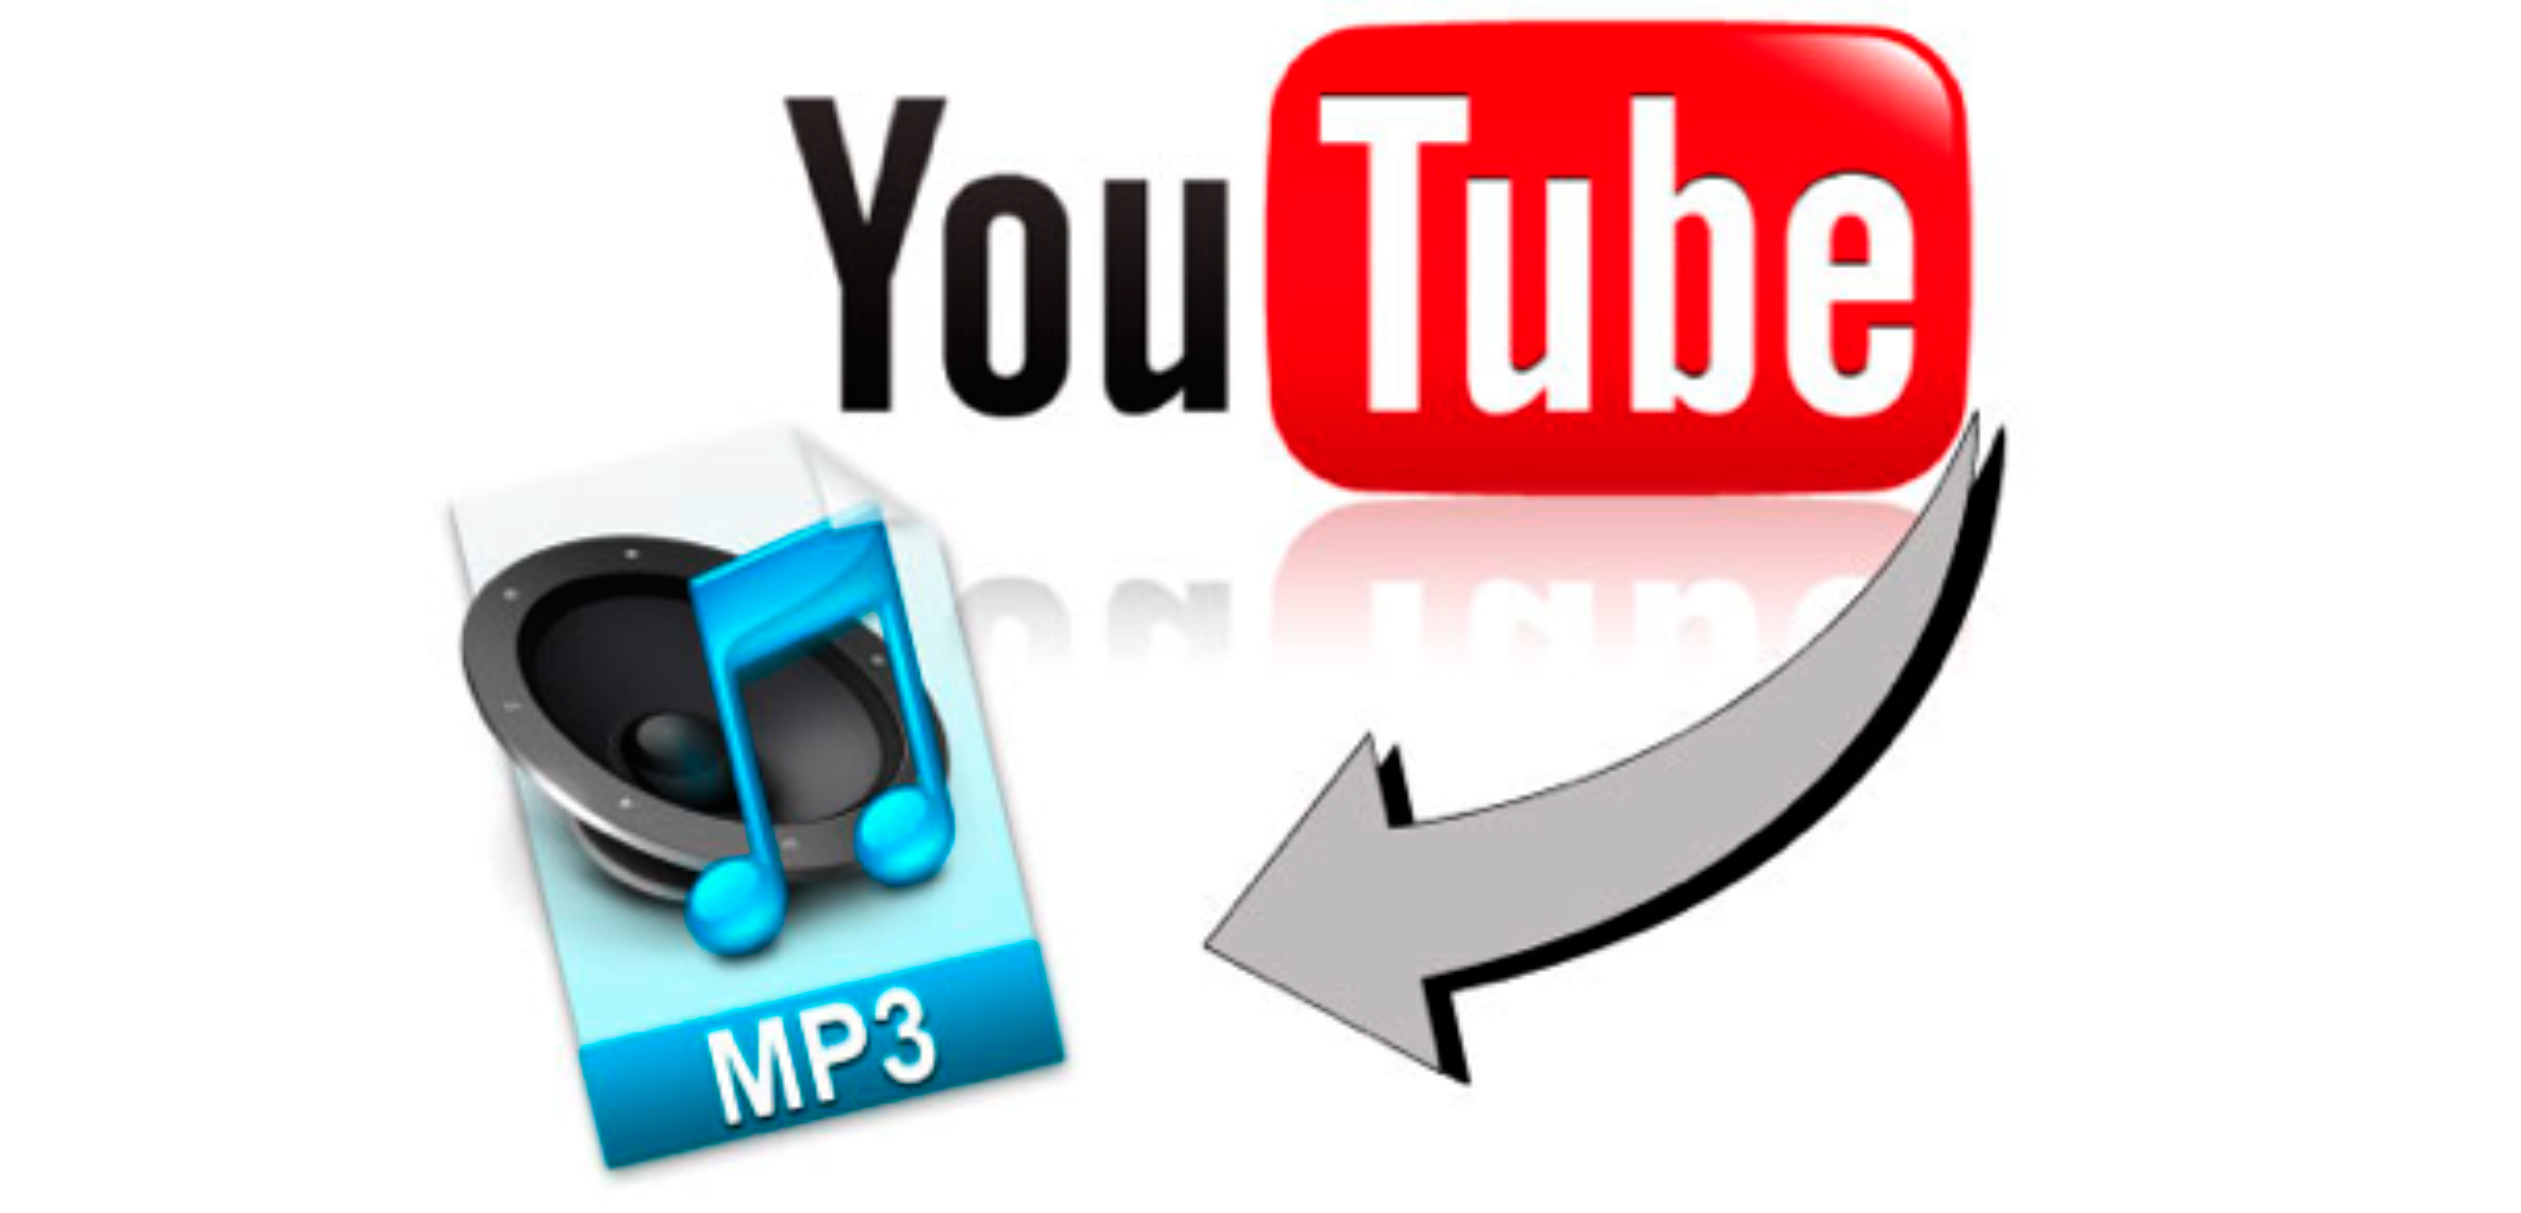 https://markoweb.online/t%C3%A9l%C3%A9charger-gratuitement-musique-mp3.html